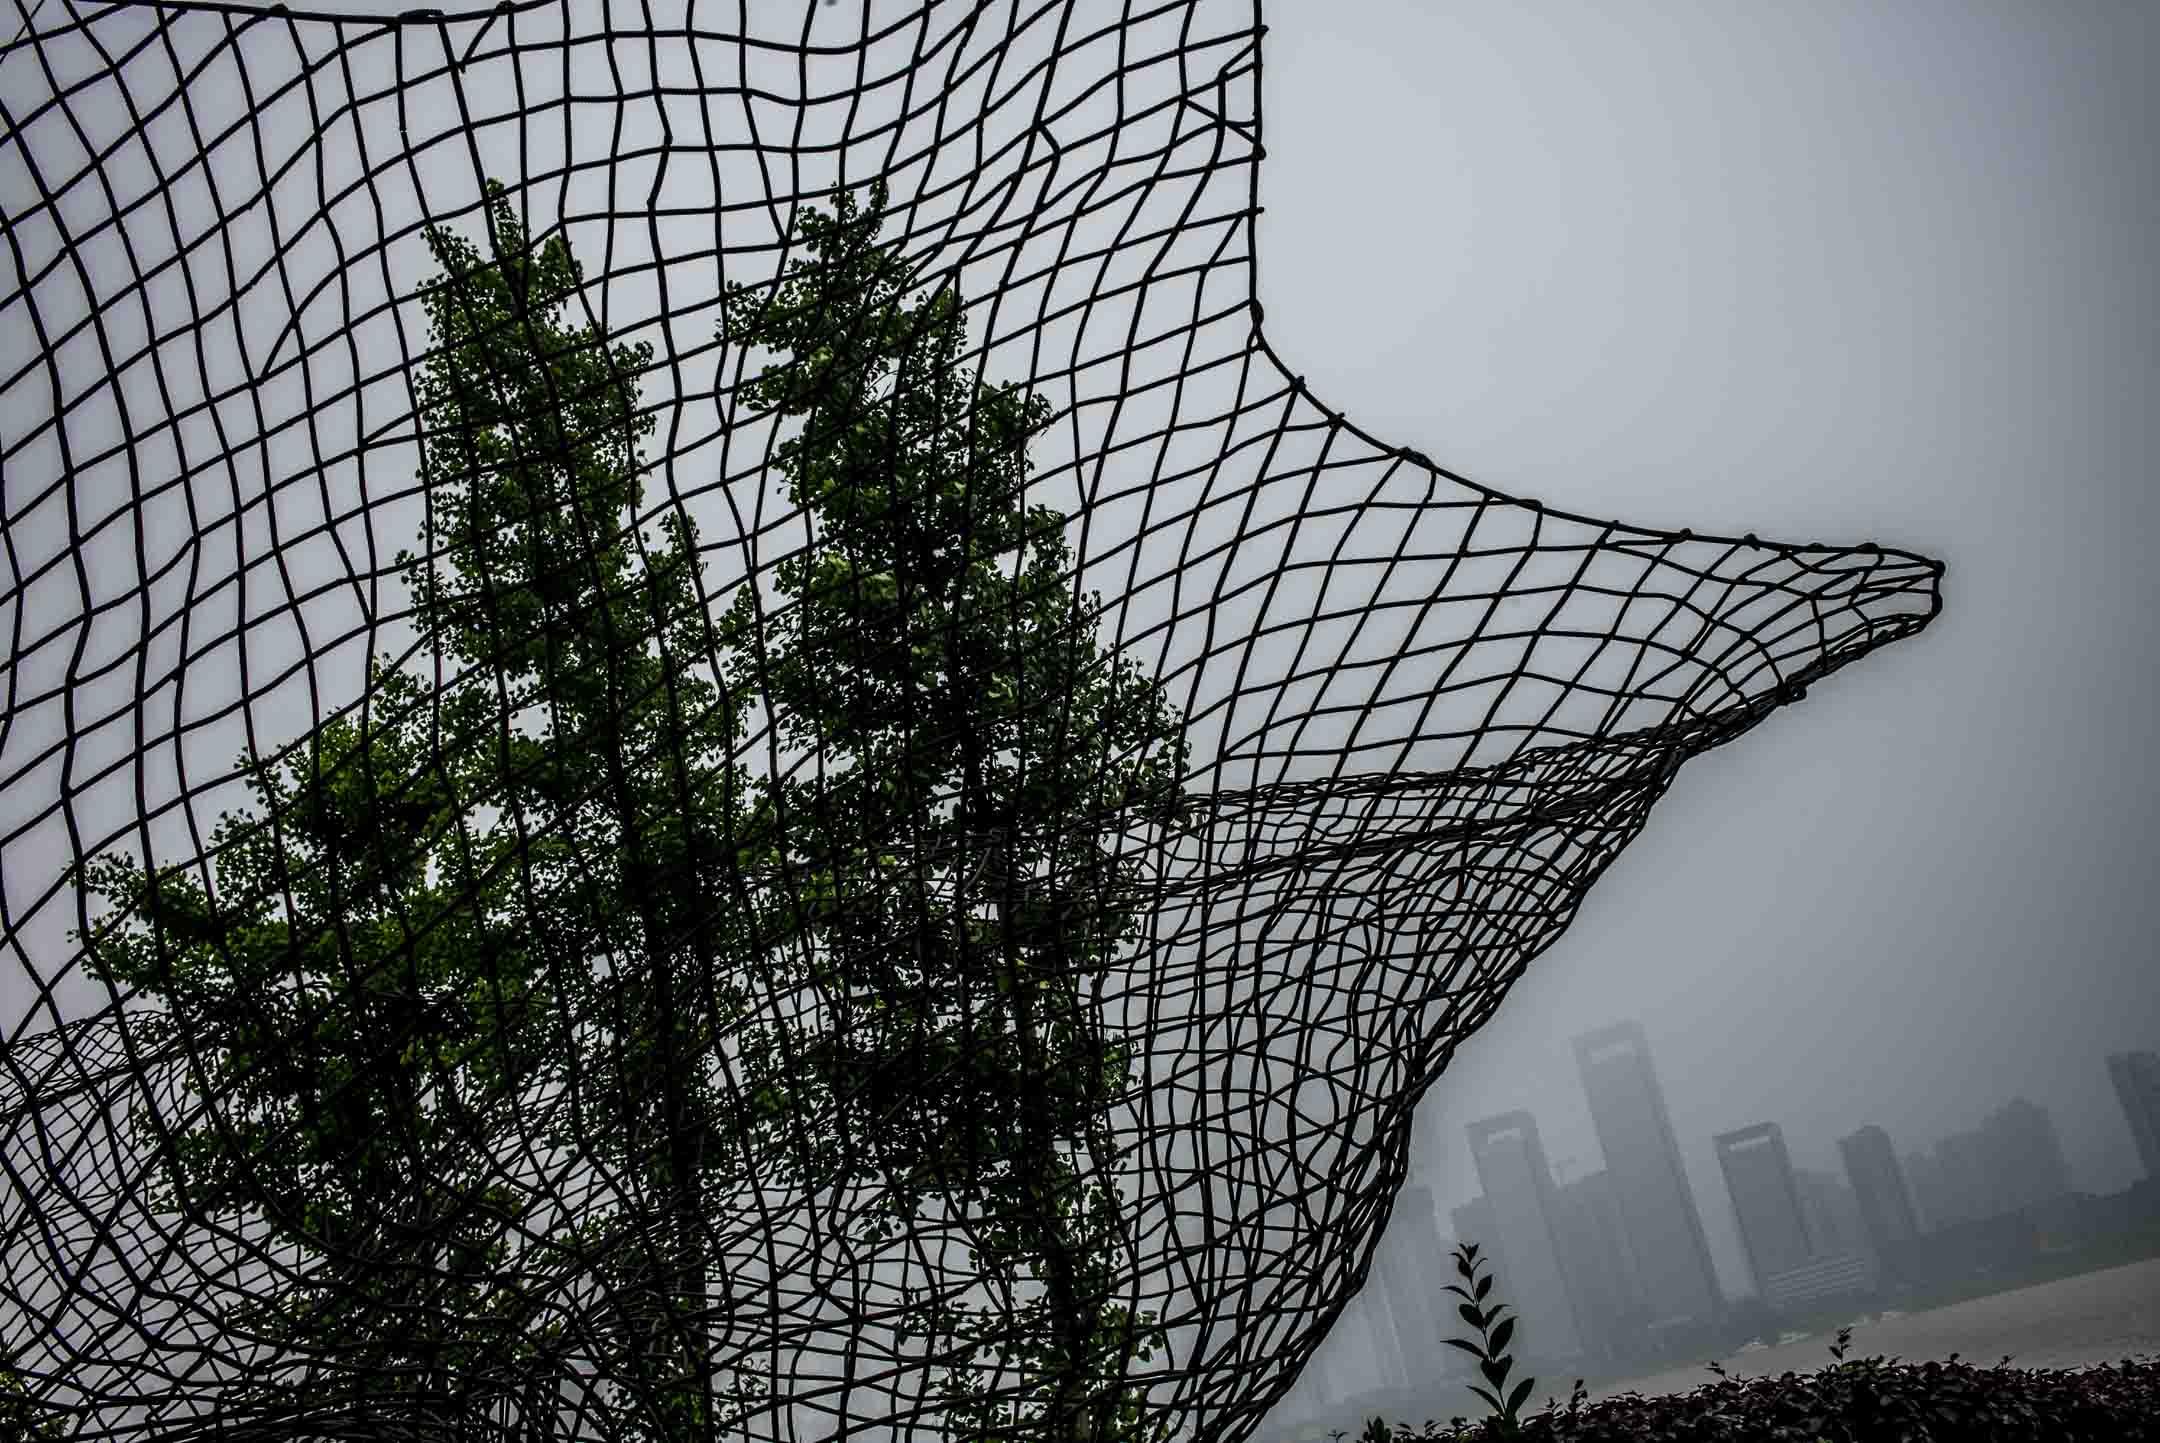 2019年4月,湖南長沙一個被濃霧籠罩的清晨。